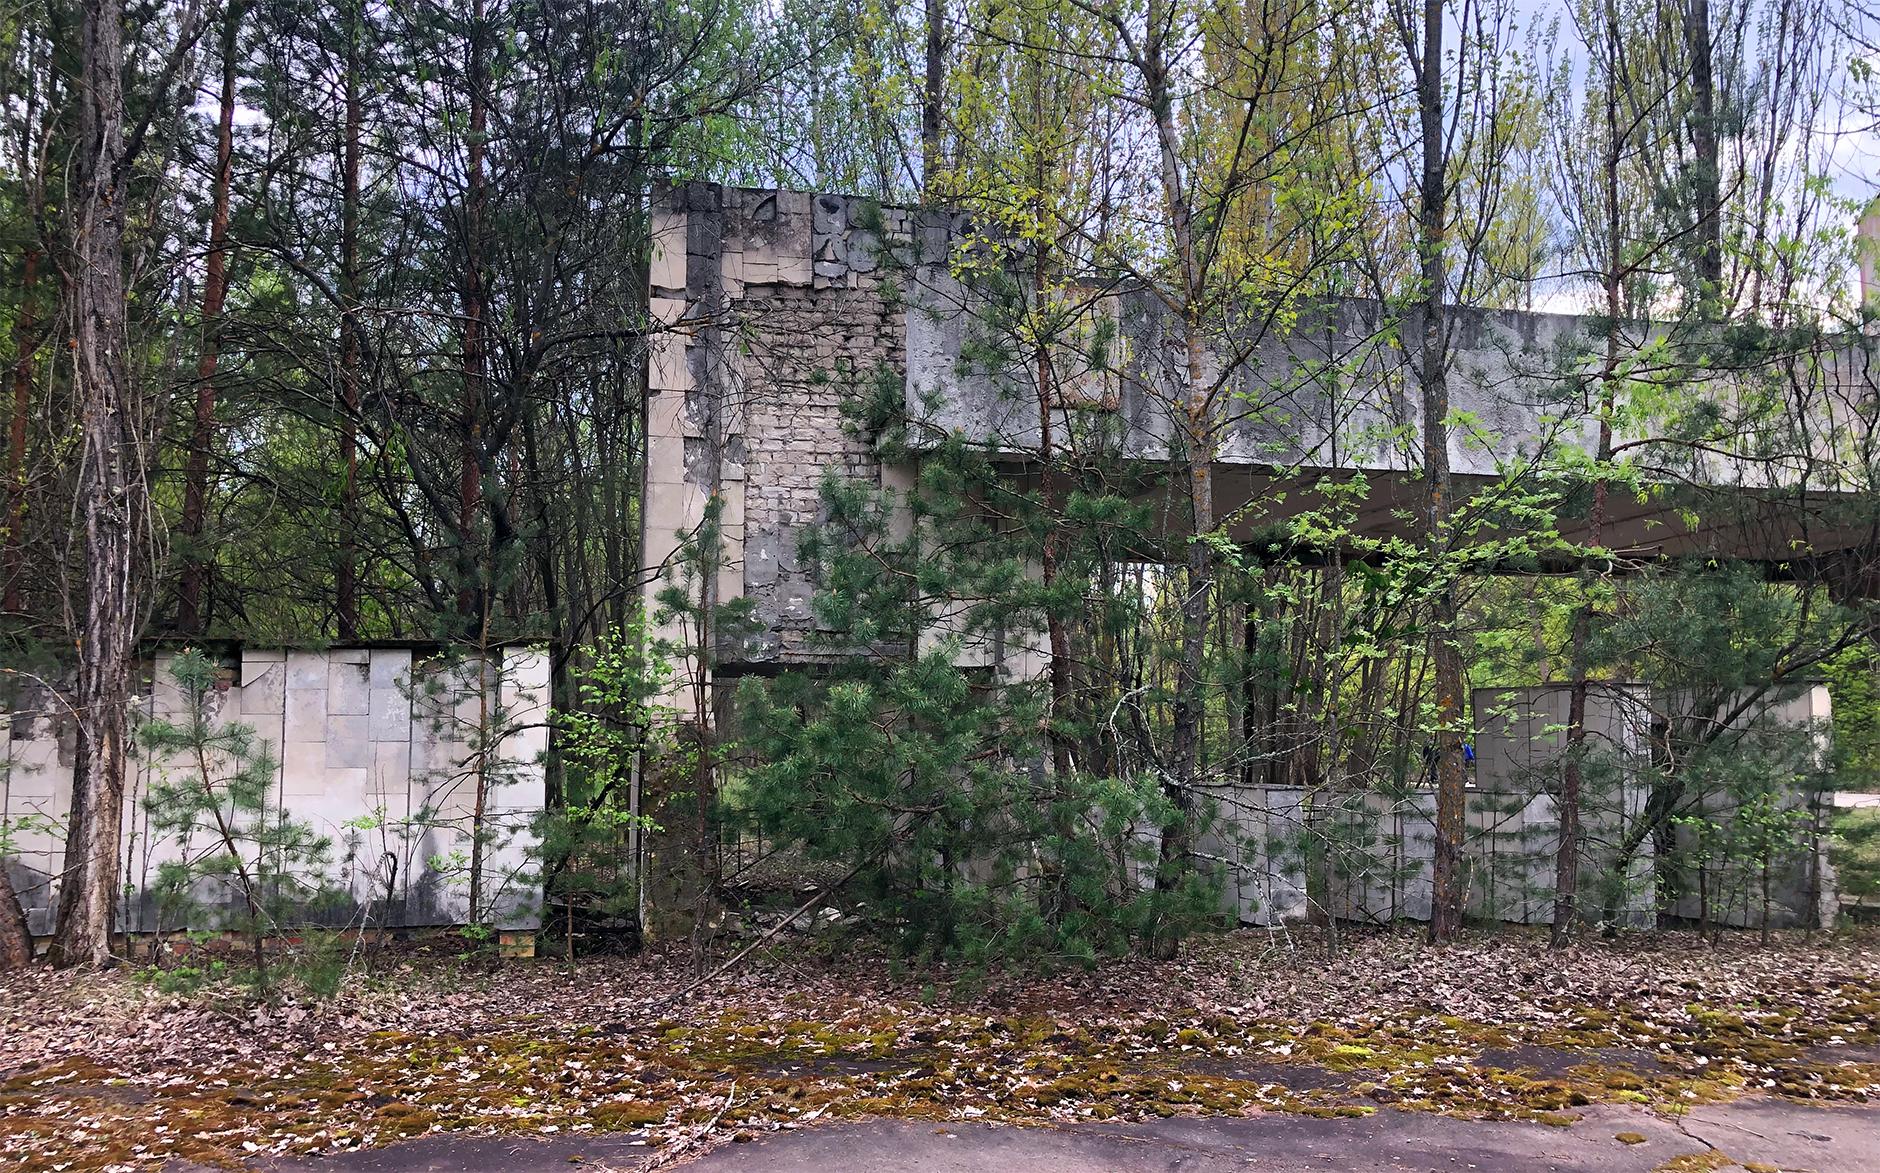 Visitar Chernóbil - Visitar Chernobyl Ucrania Ukraine Pripyat visitar chernóbil - 47045822854 991367635f o - Visitar Chernóbil: el lugar más contaminado del planeta